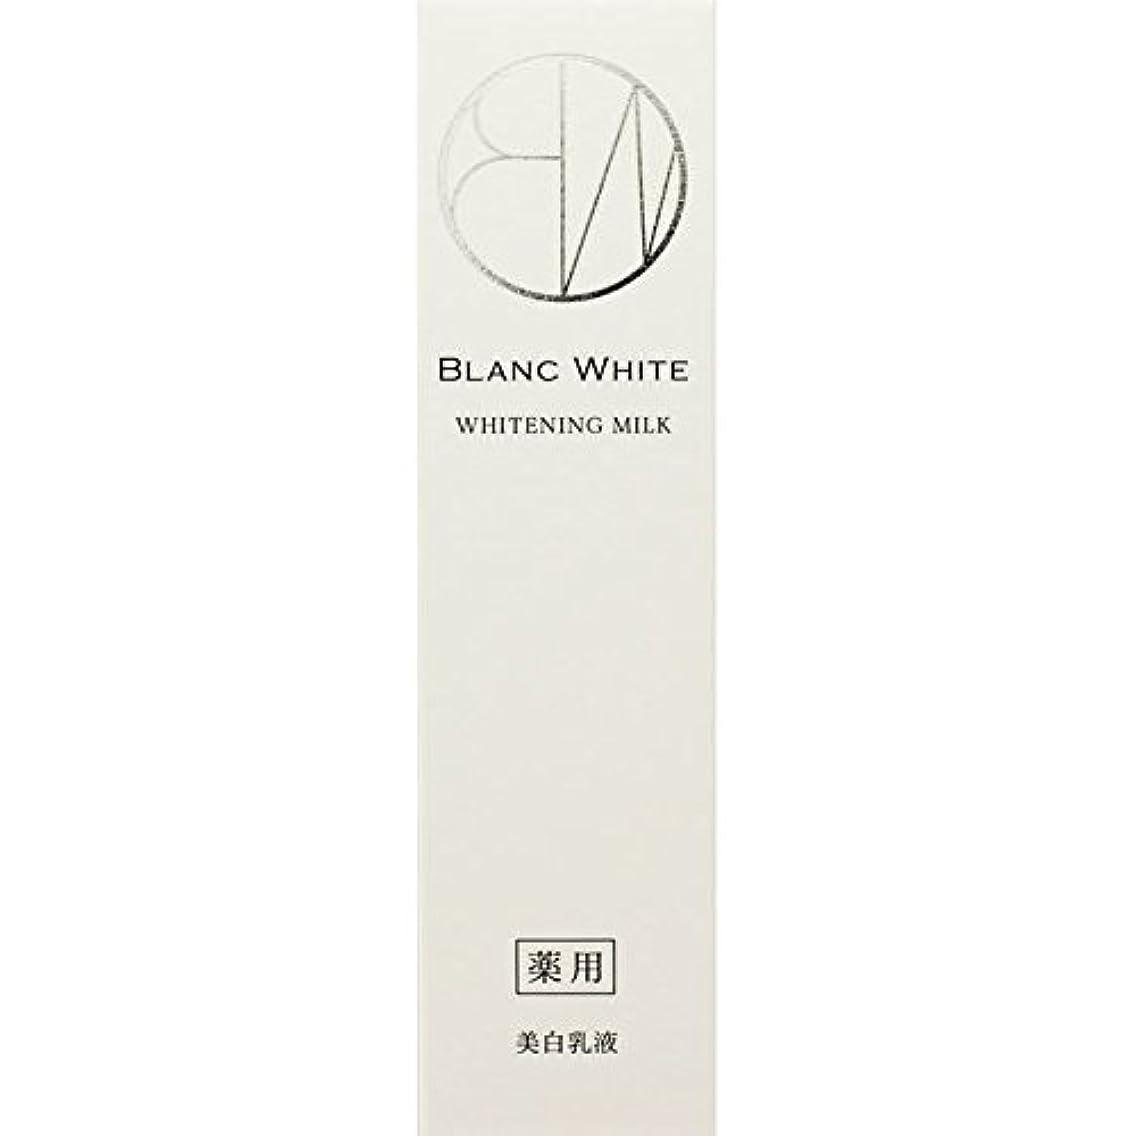 同一の謙虚悲劇的なブランホワイト ホワイトニングミルク 125ml (医薬部外品)